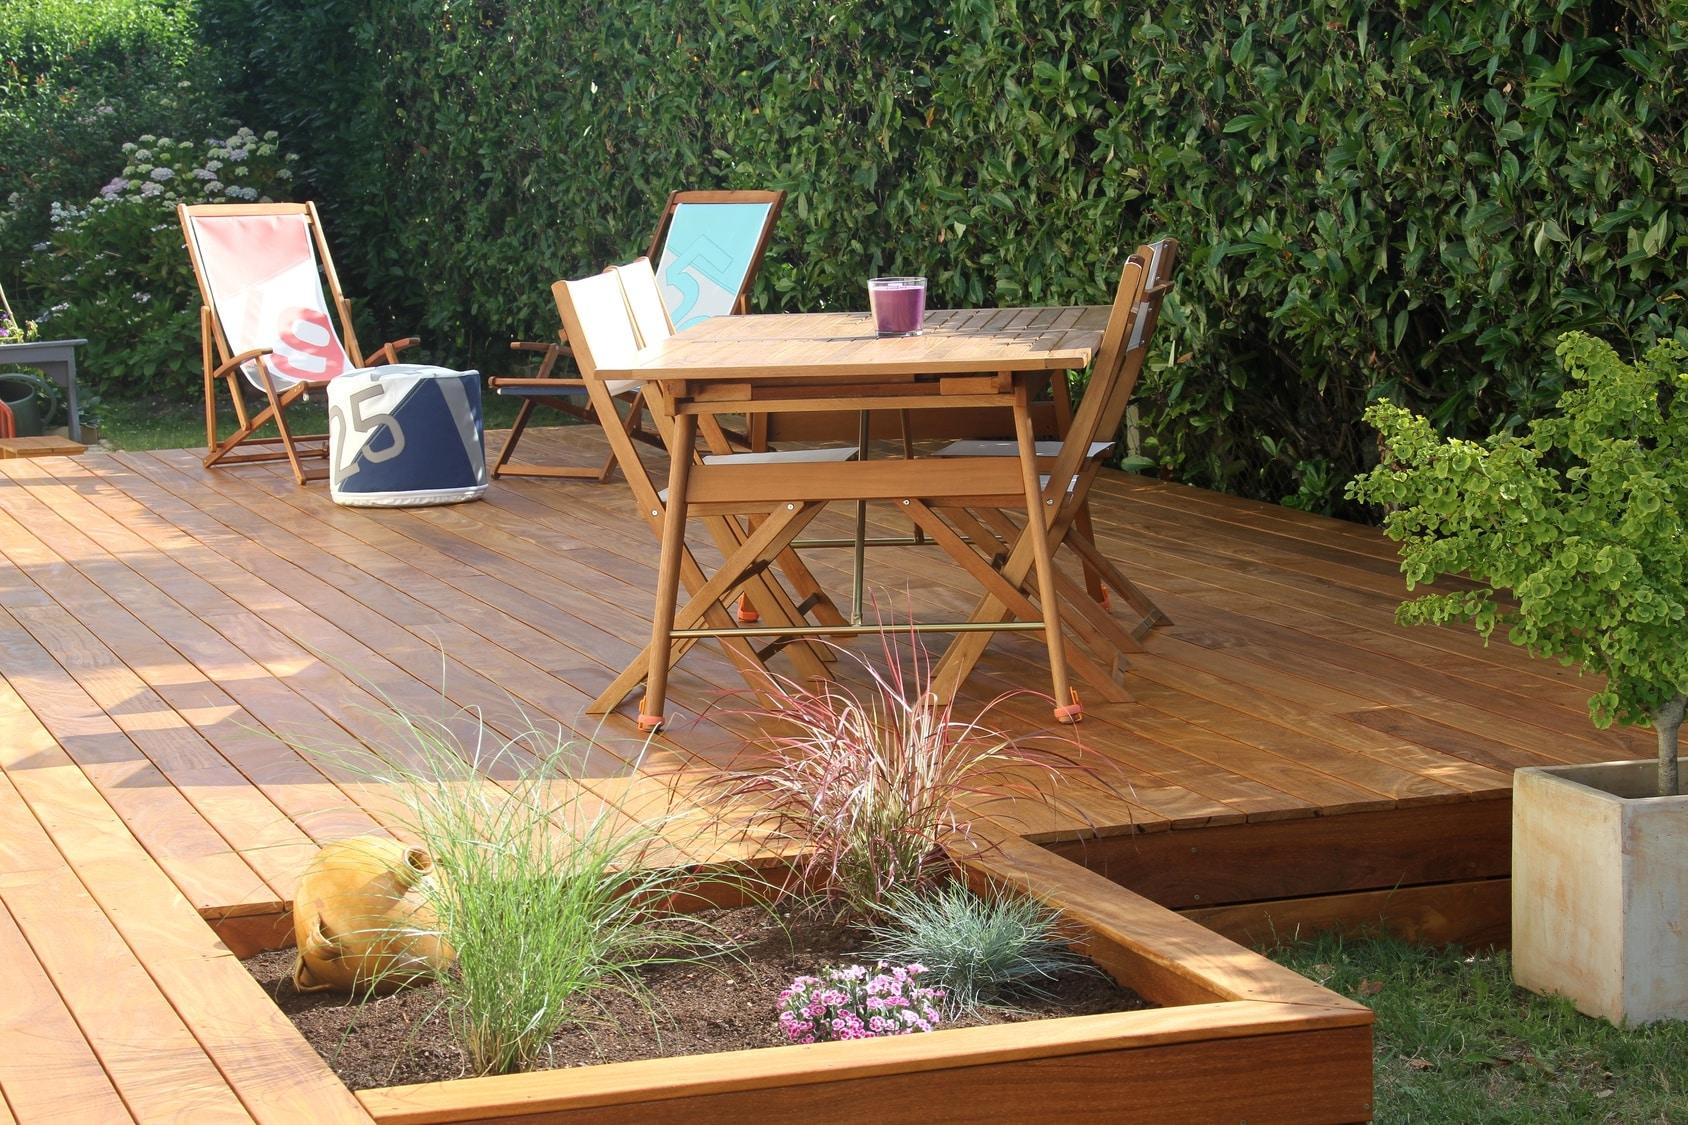 Sol Bois Pour Terrasse Extérieure rénovation ou entretien d'une terrasse en bois